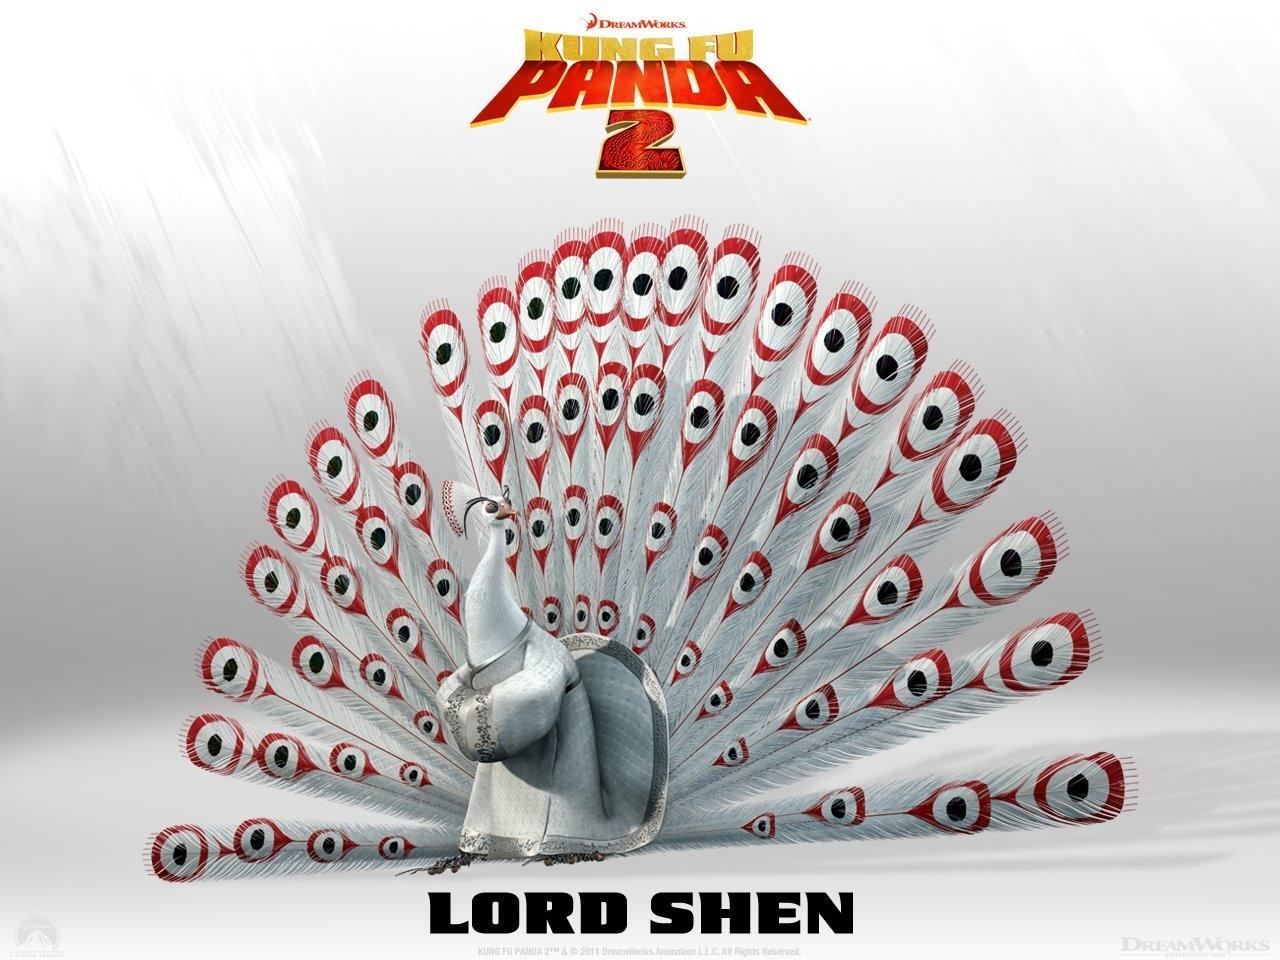 http://3.bp.blogspot.com/-8CwBGyEE_s4/TYgddl36H1I/AAAAAAAAAF0/CKvYuA7paVc/s1600/Kung-Fu-Panda-2-Wallpaper-Lord-Shen.jpg